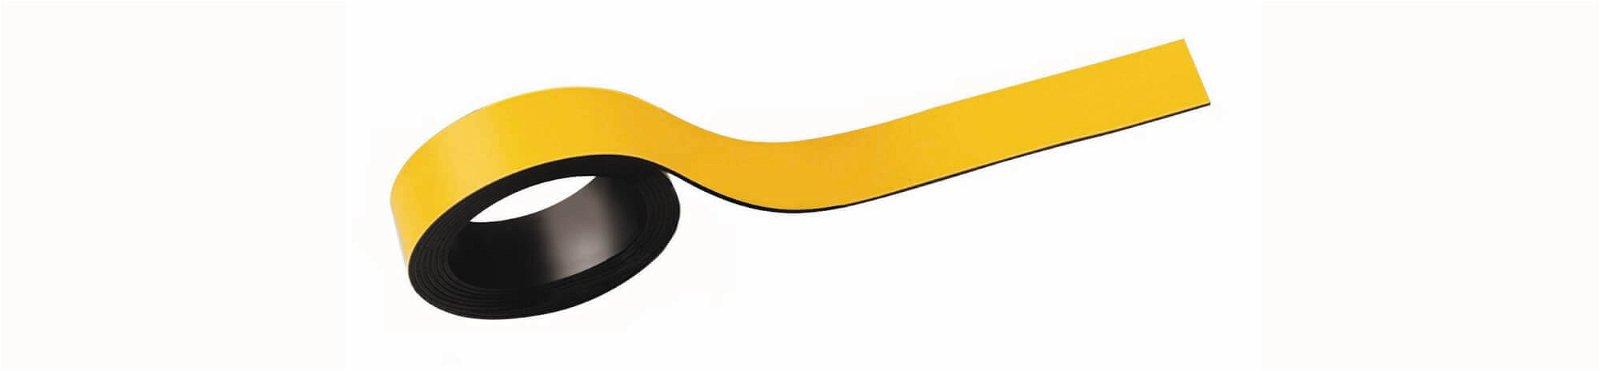 Magnetstreifen, 1,5x100 cm, 2 St./Set, gelb